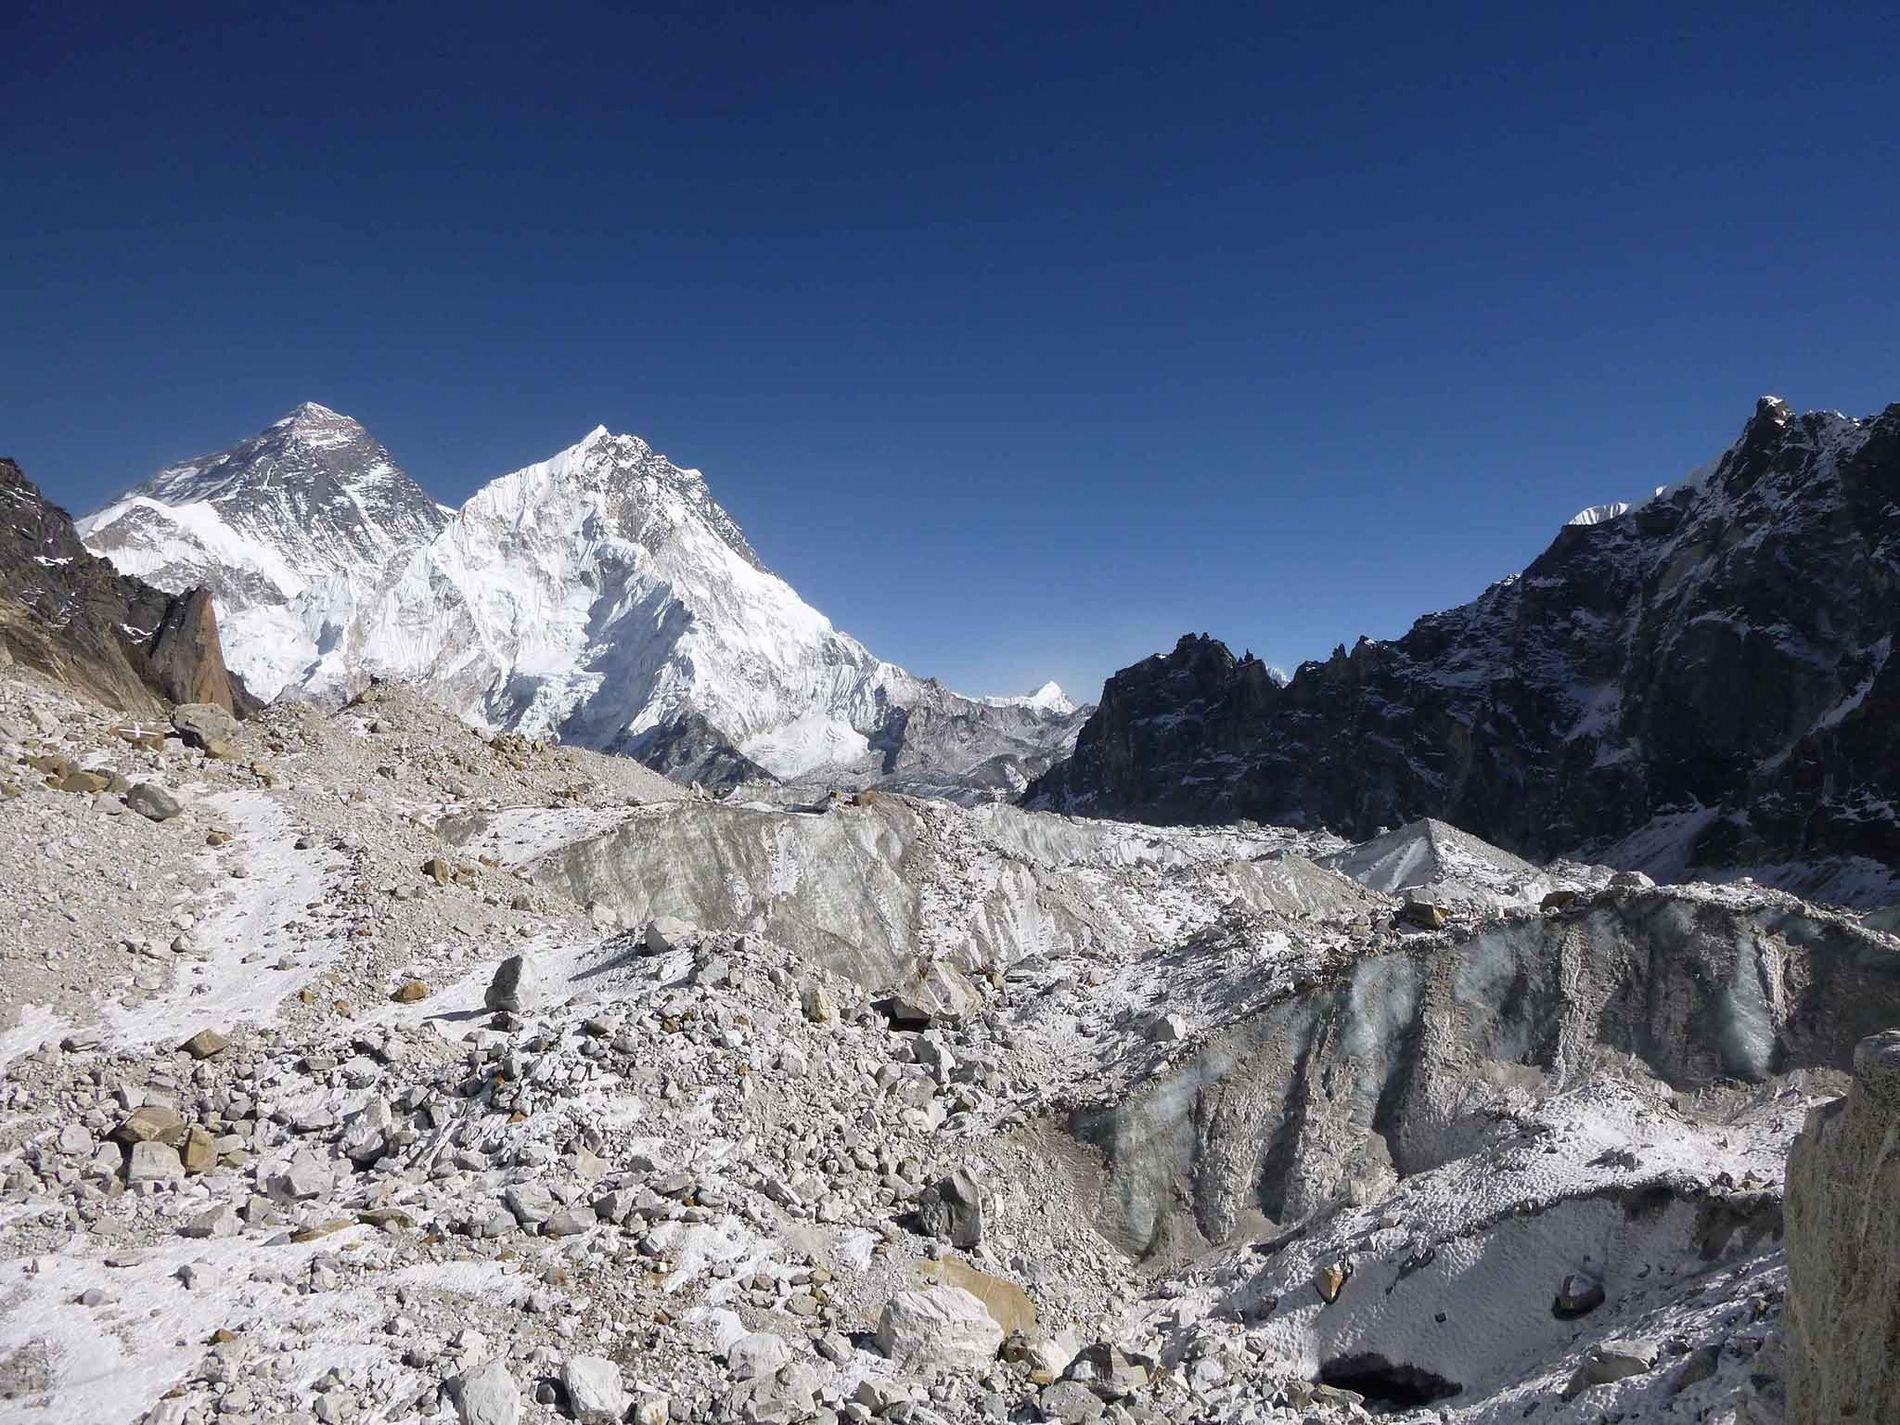 Le glacier Changri Nup compte parmi les centaines de glaciers étudiés par les chercheurs. Une grande partie de son sommet est recouvert de débris rocheux. L'Everest se profile à gauche.